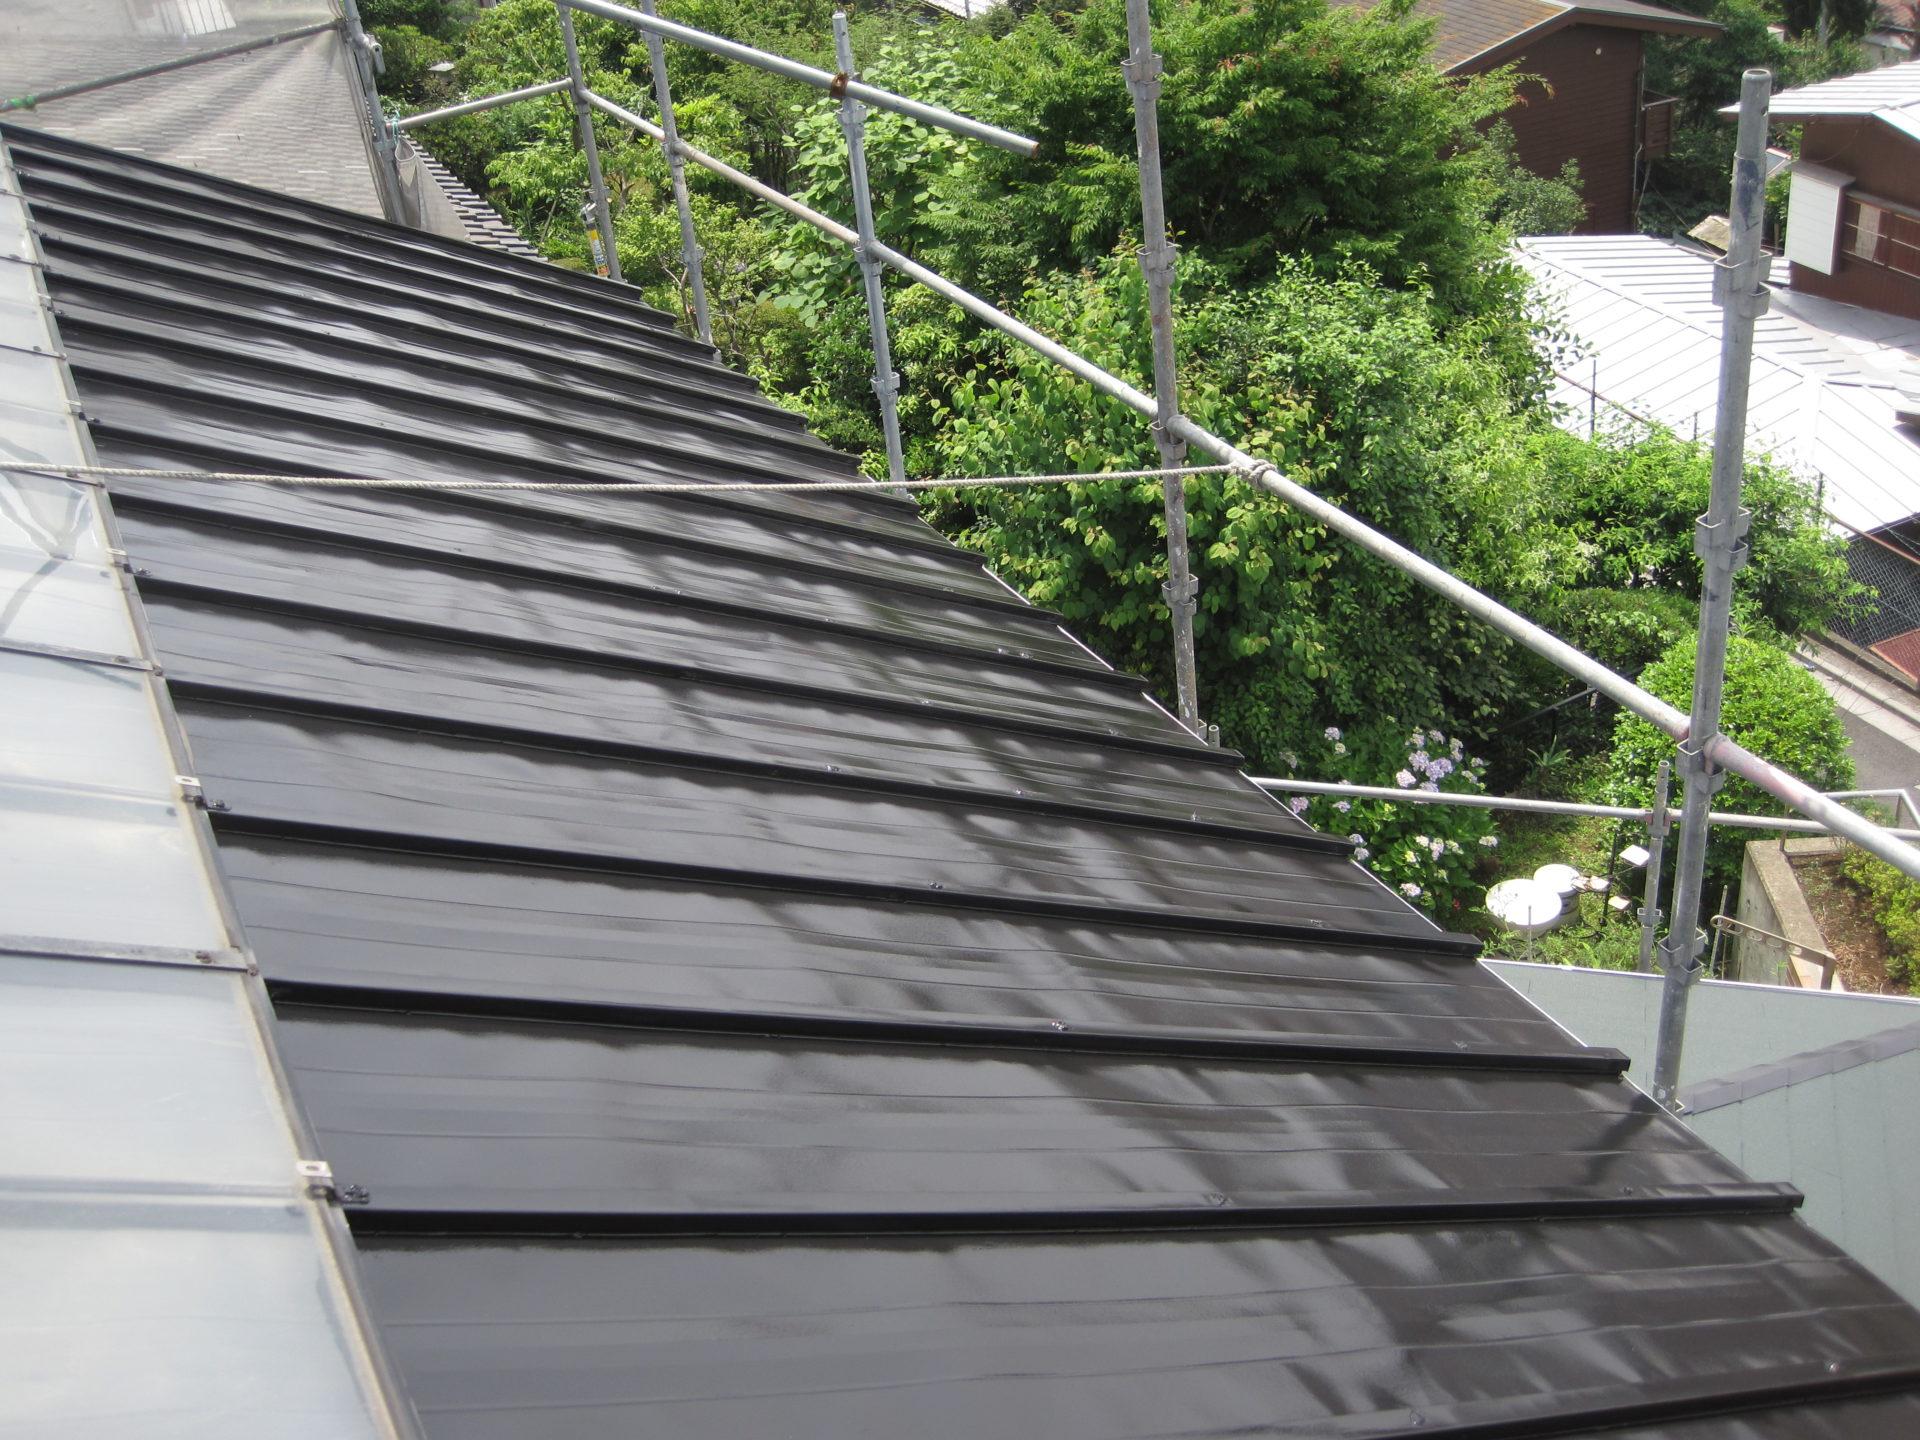 岡山県岡山市 瓦棒屋根塗装 完成写真